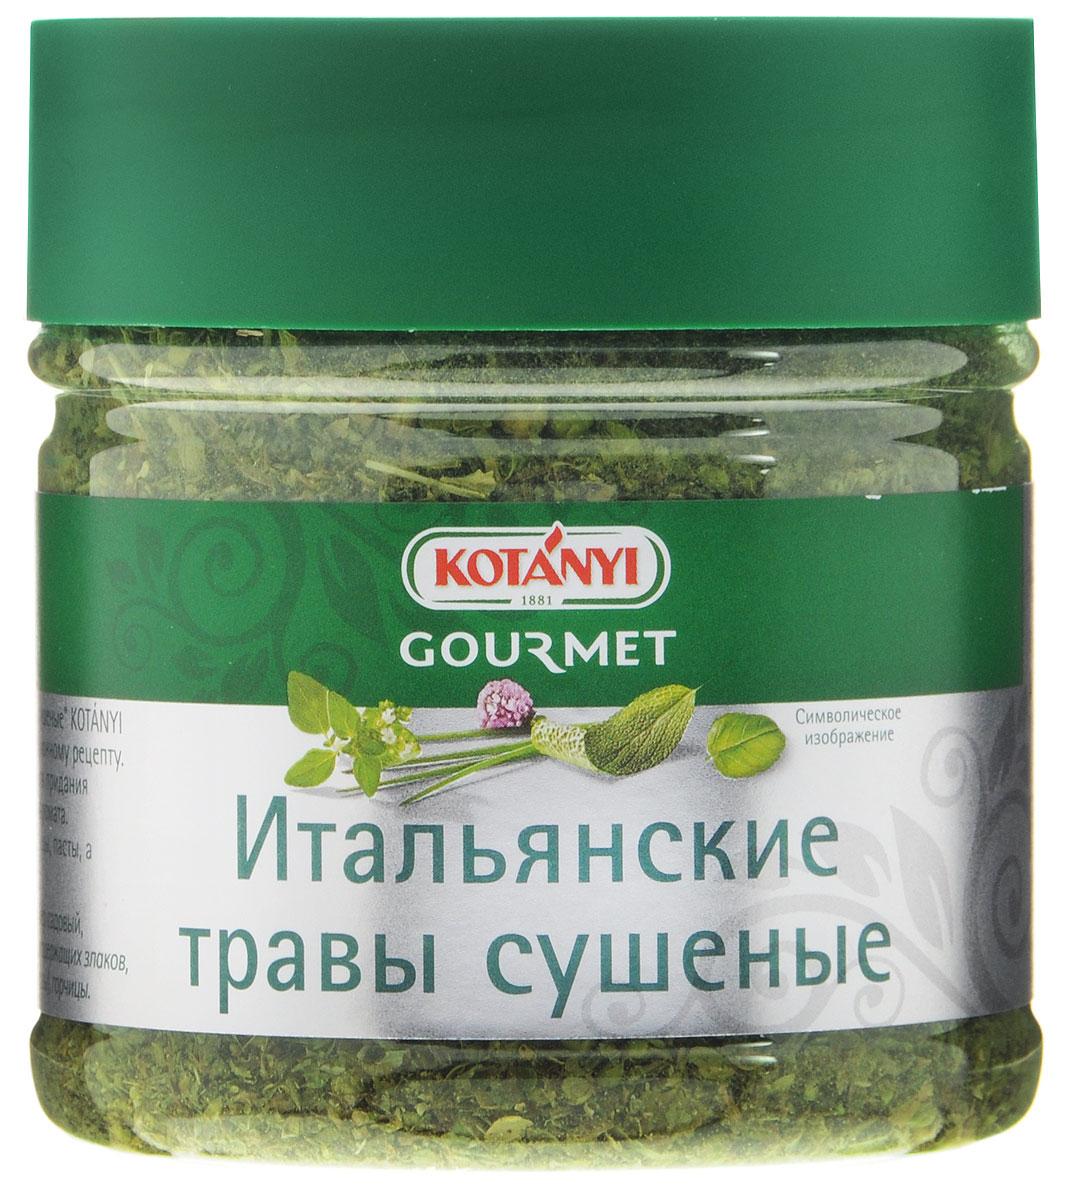 Kotanyi Итальянские травы сушеные, 63 г730711Пряные травы Средиземноморья высушиваются особым бережным способом. Благодаря этому во время приготовления раскрывается типичный итальянский манящий аромат, и даже простые блюда приобретают изысканный вкус. Может содержать следы глютеносодержащих злаков, яиц, сои, сельдерея, кунжута, орехов, горчицы, молока (лактозы), горчицы. Уважаемые клиенты! Обращаем ваше внимание, что полный перечень состава продукта представлен на дополнительном изображении.